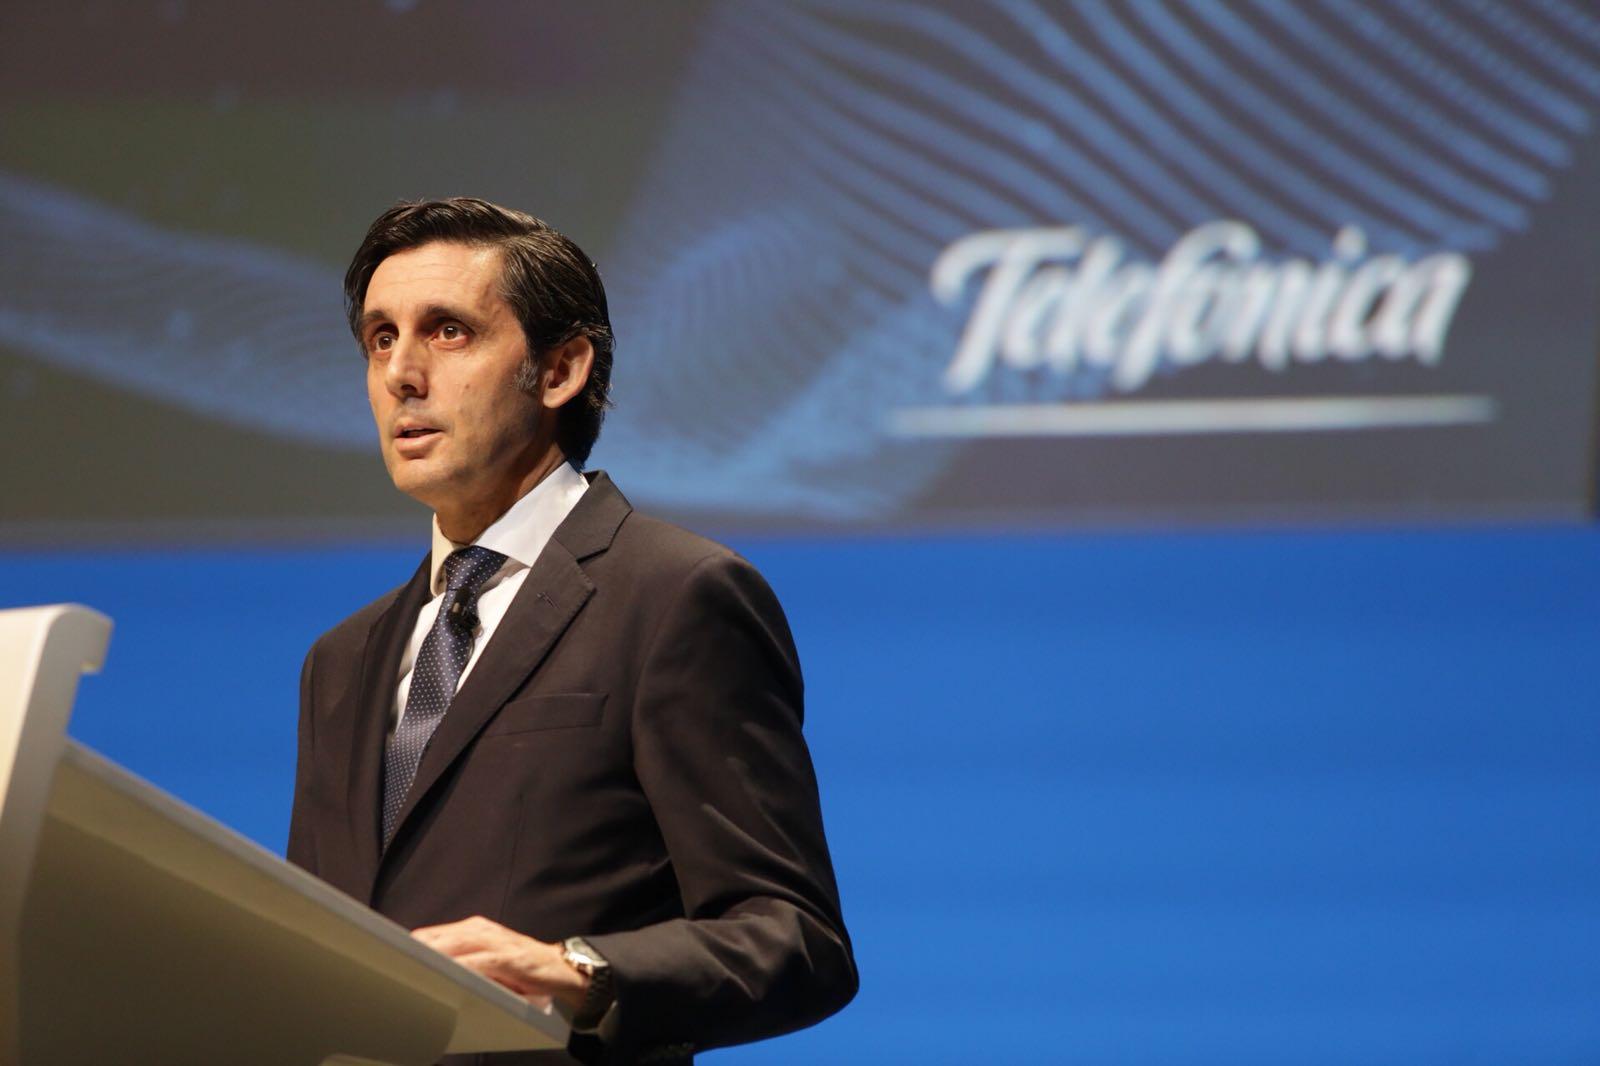 JP Morgan pronostica caídas de más del 13% en Telefónica y le ve potencial a Euskaltel